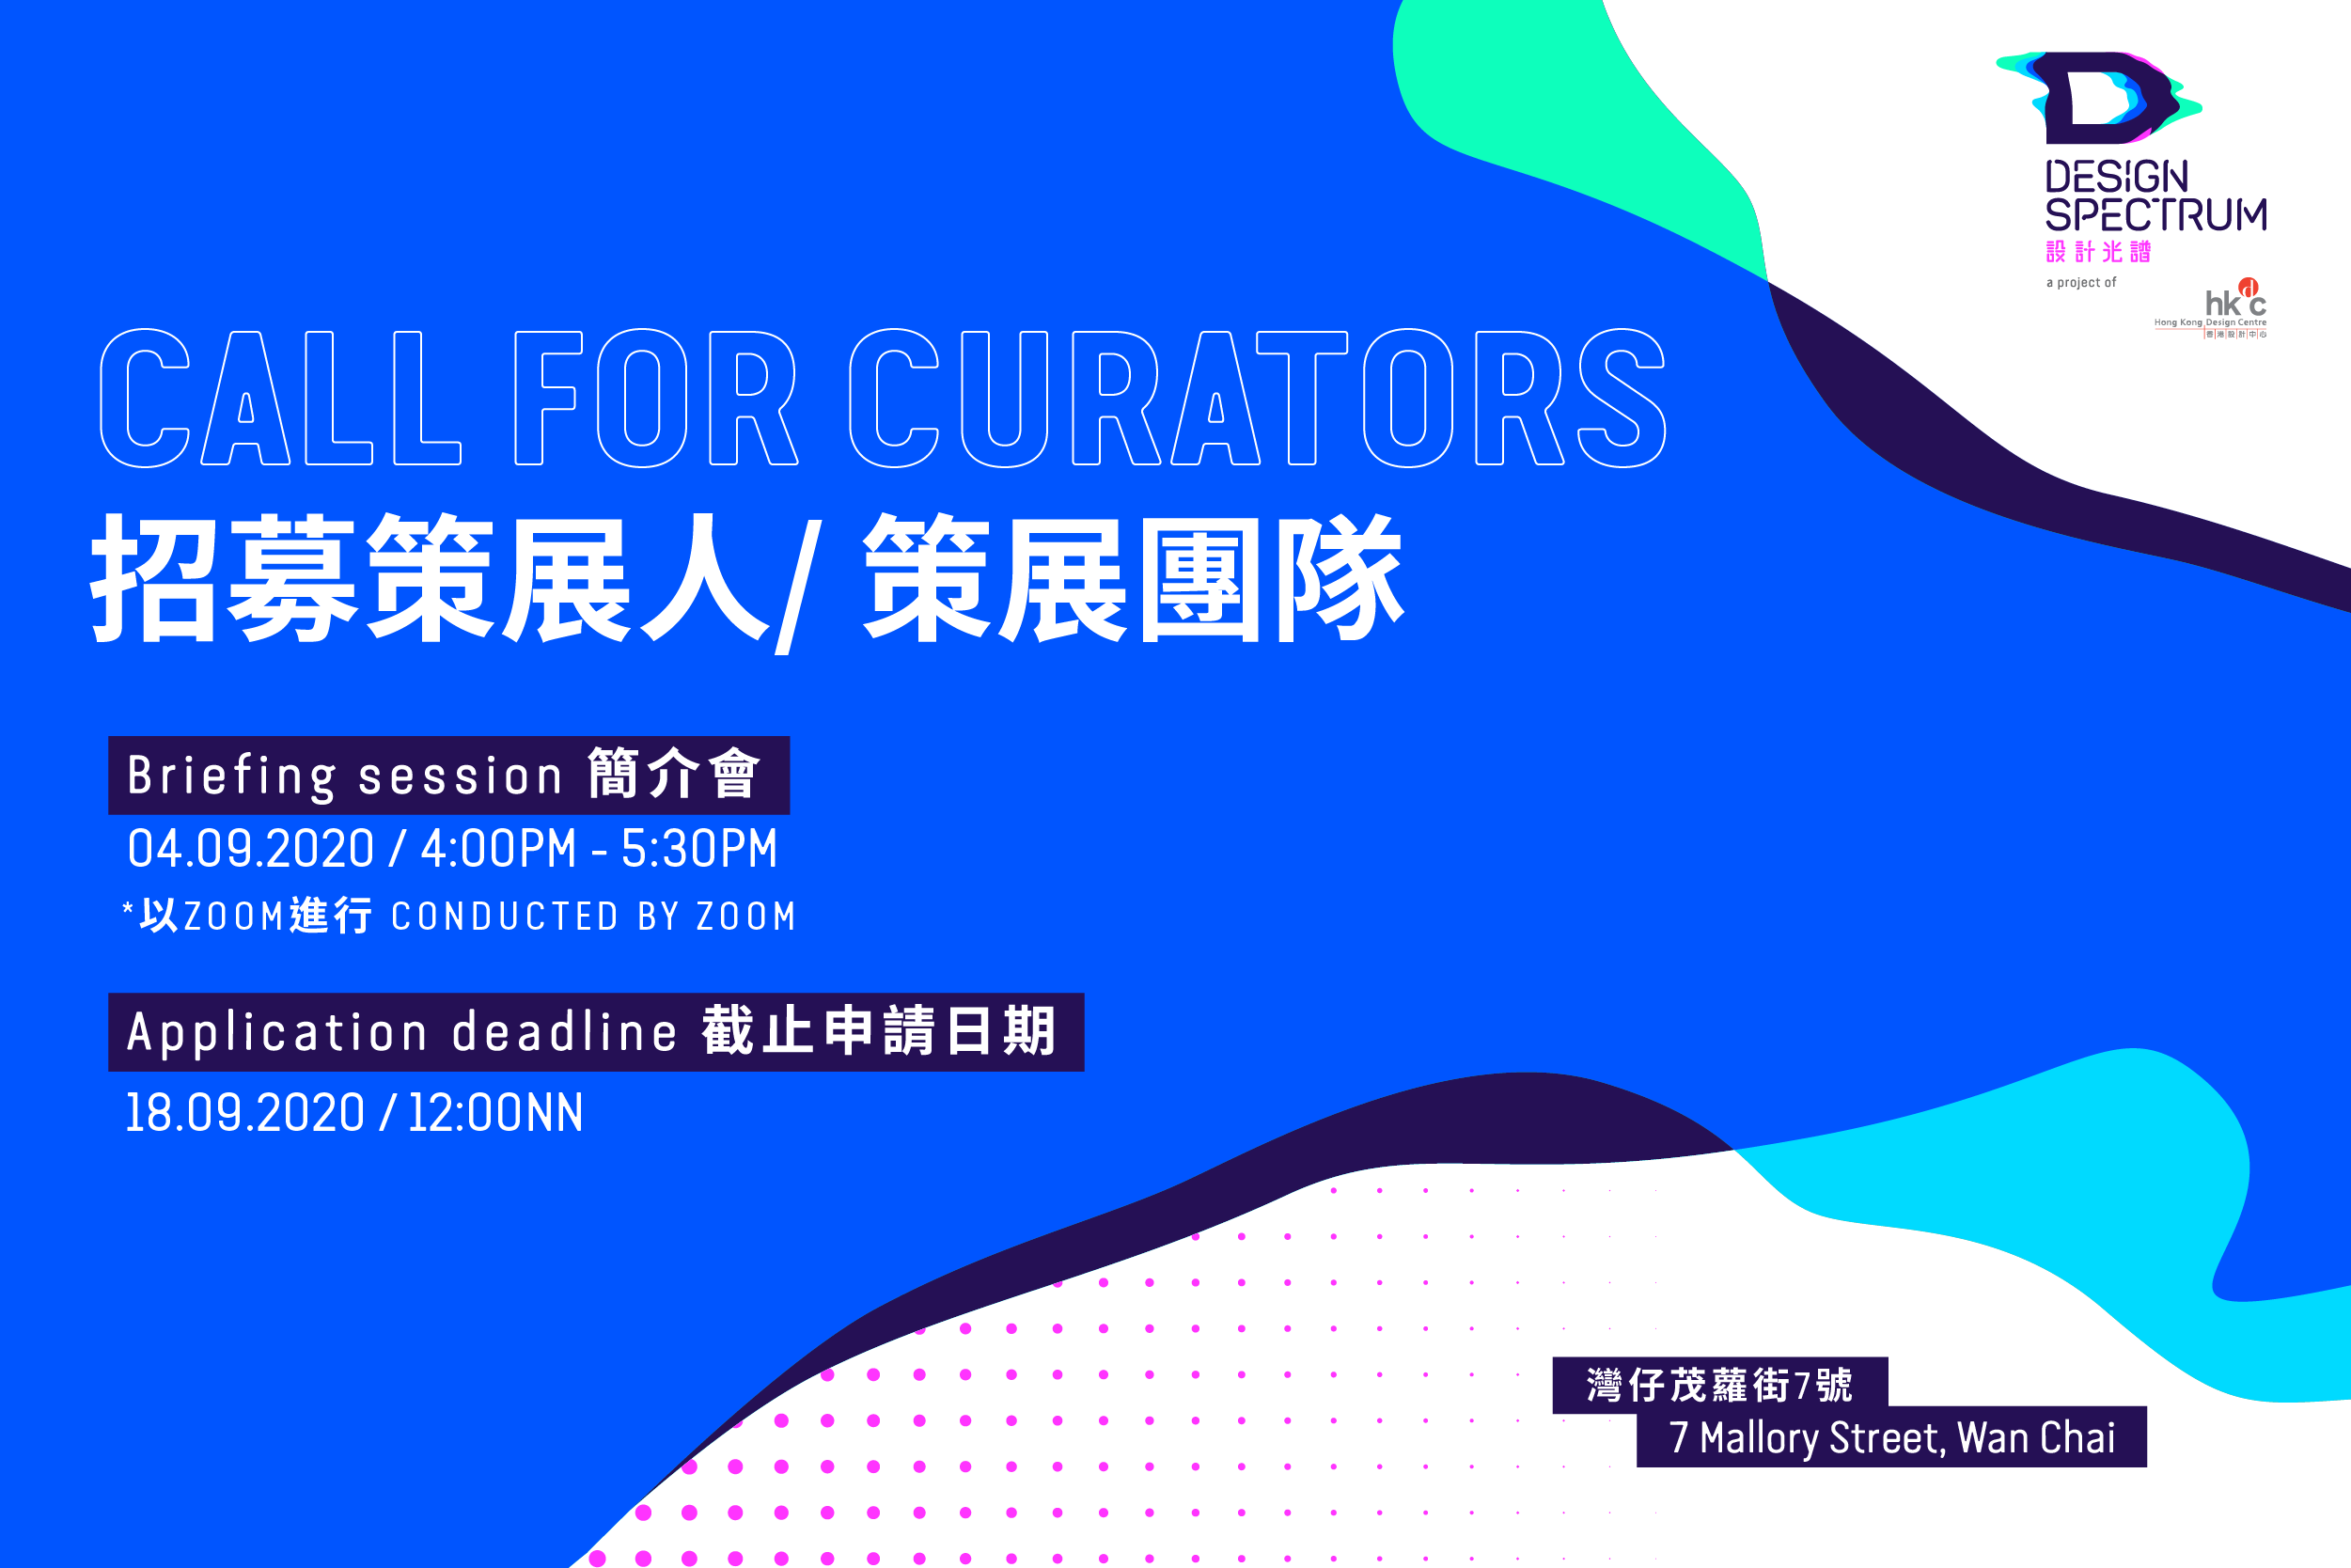 設計光譜2020 - 招募策展人/ 策展團隊